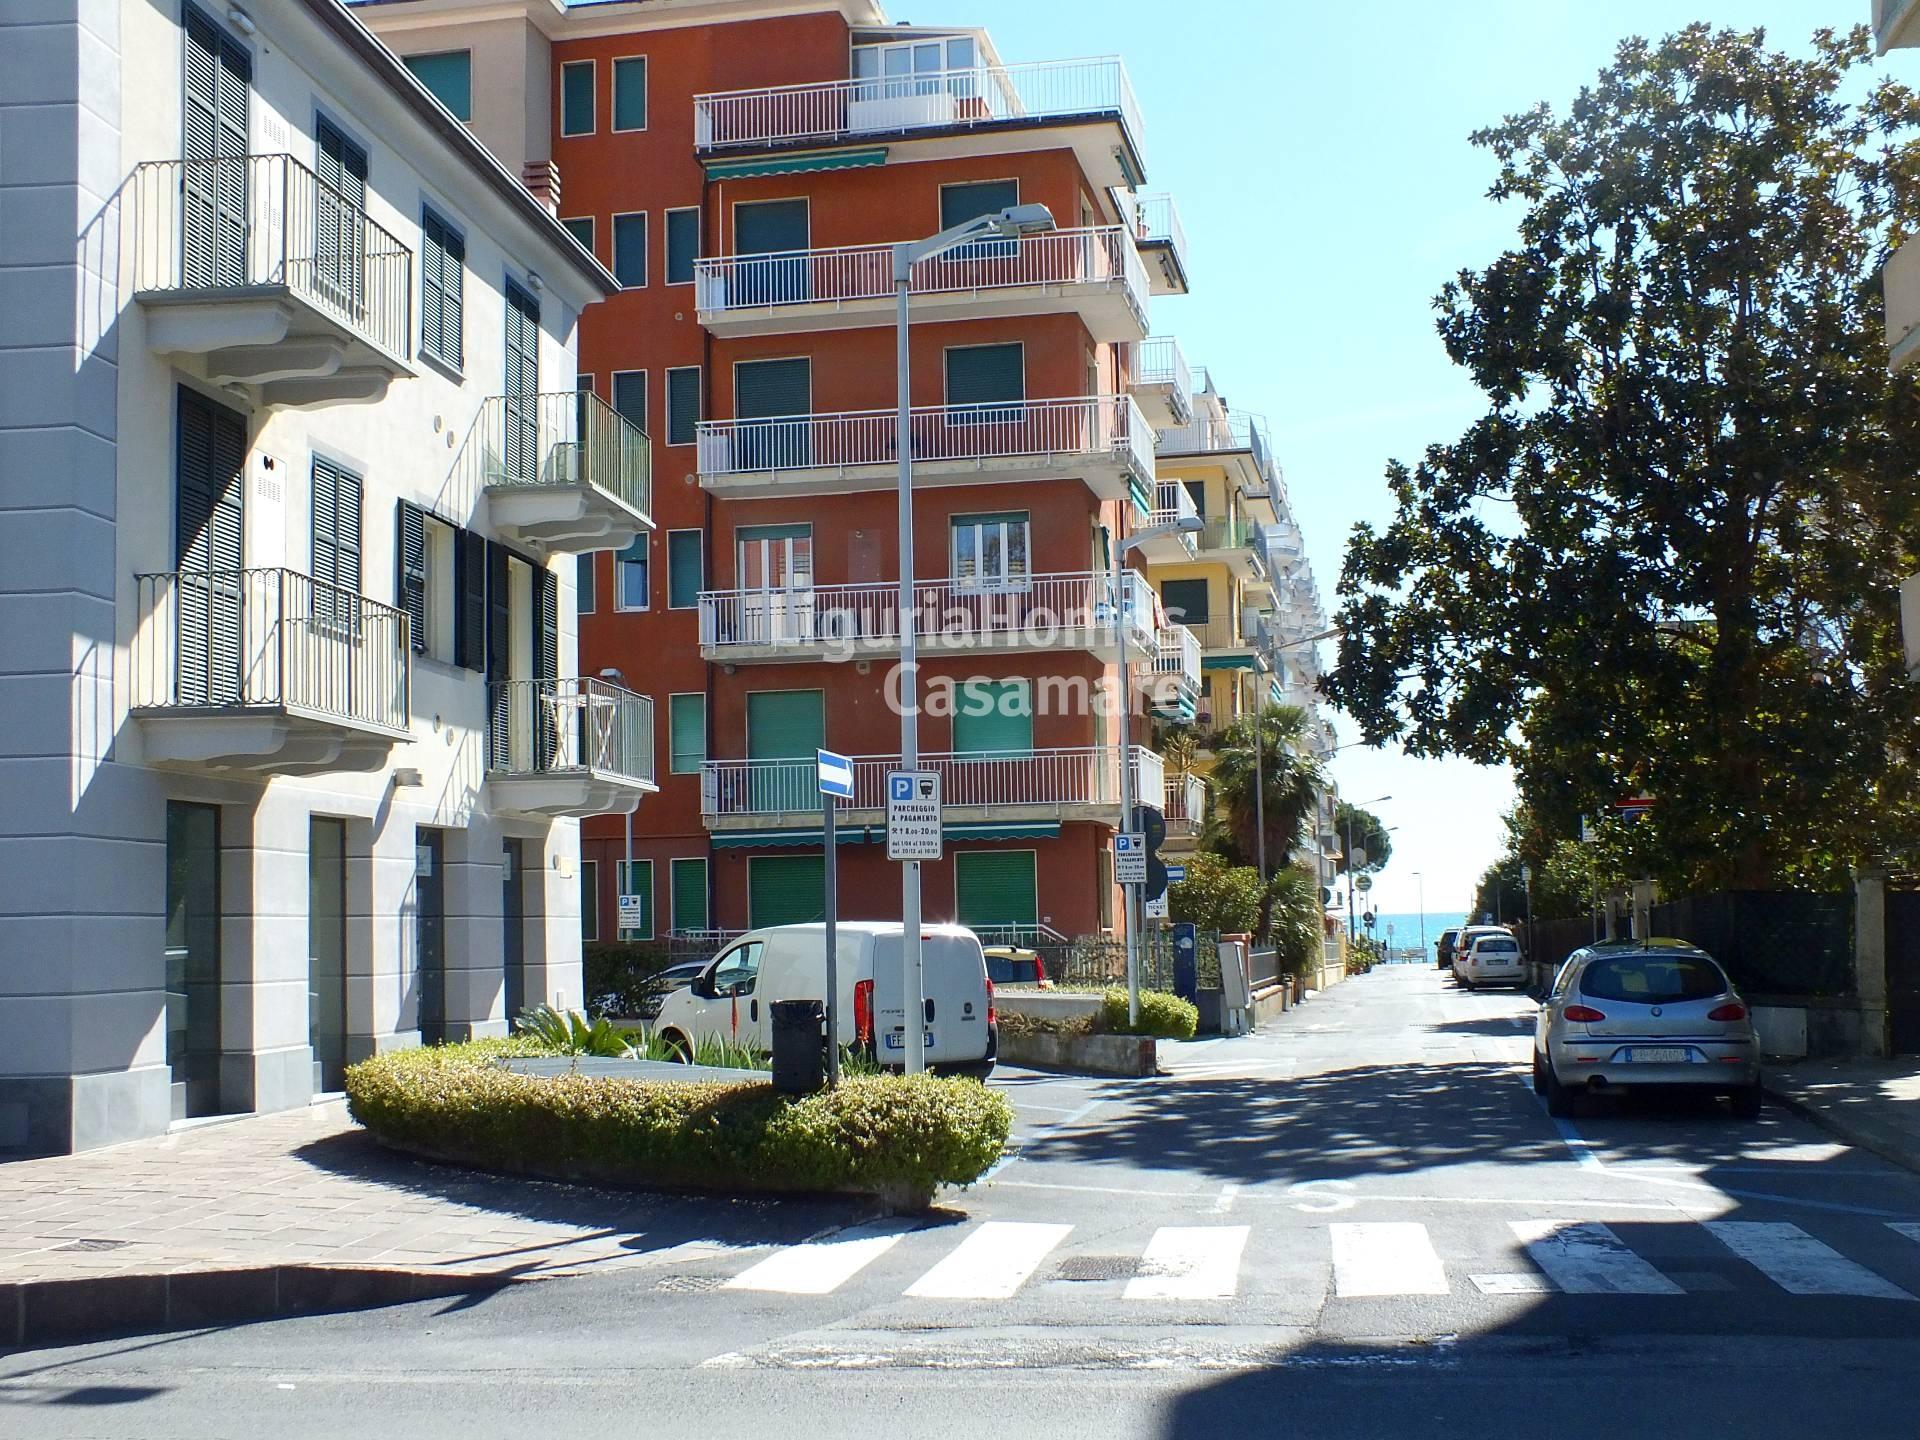 Appartamento in vendita a San Bartolomeo al Mare, 3 locali, prezzo € 310.000 | Cambio Casa.it